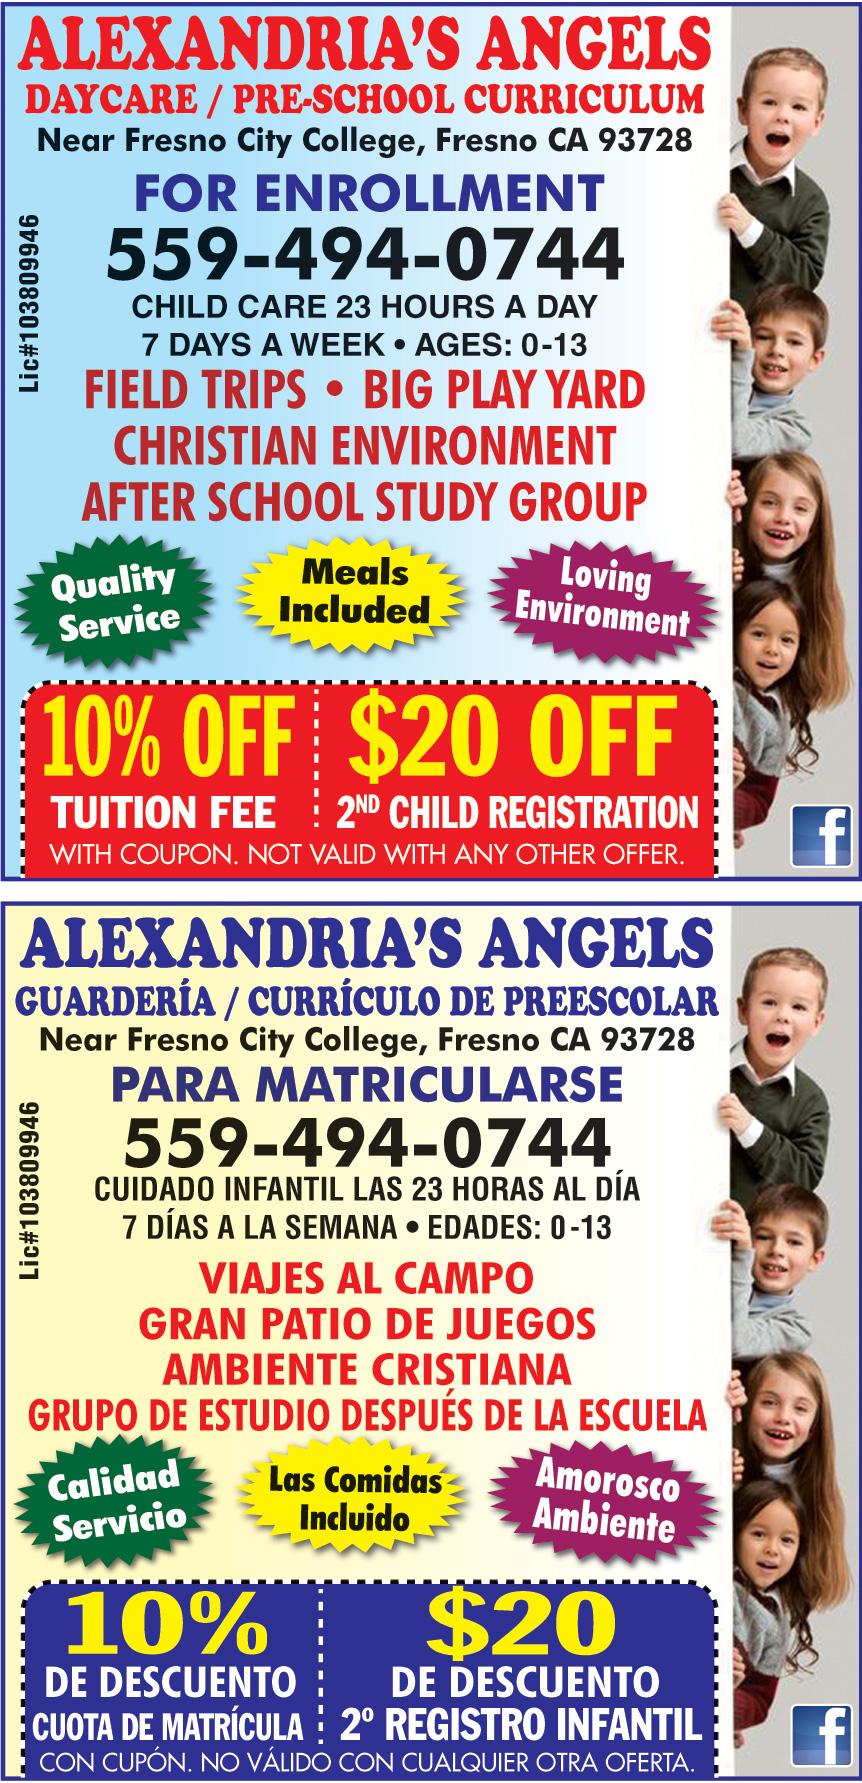 ALEXANDRIAS ANGELS DAYCAR